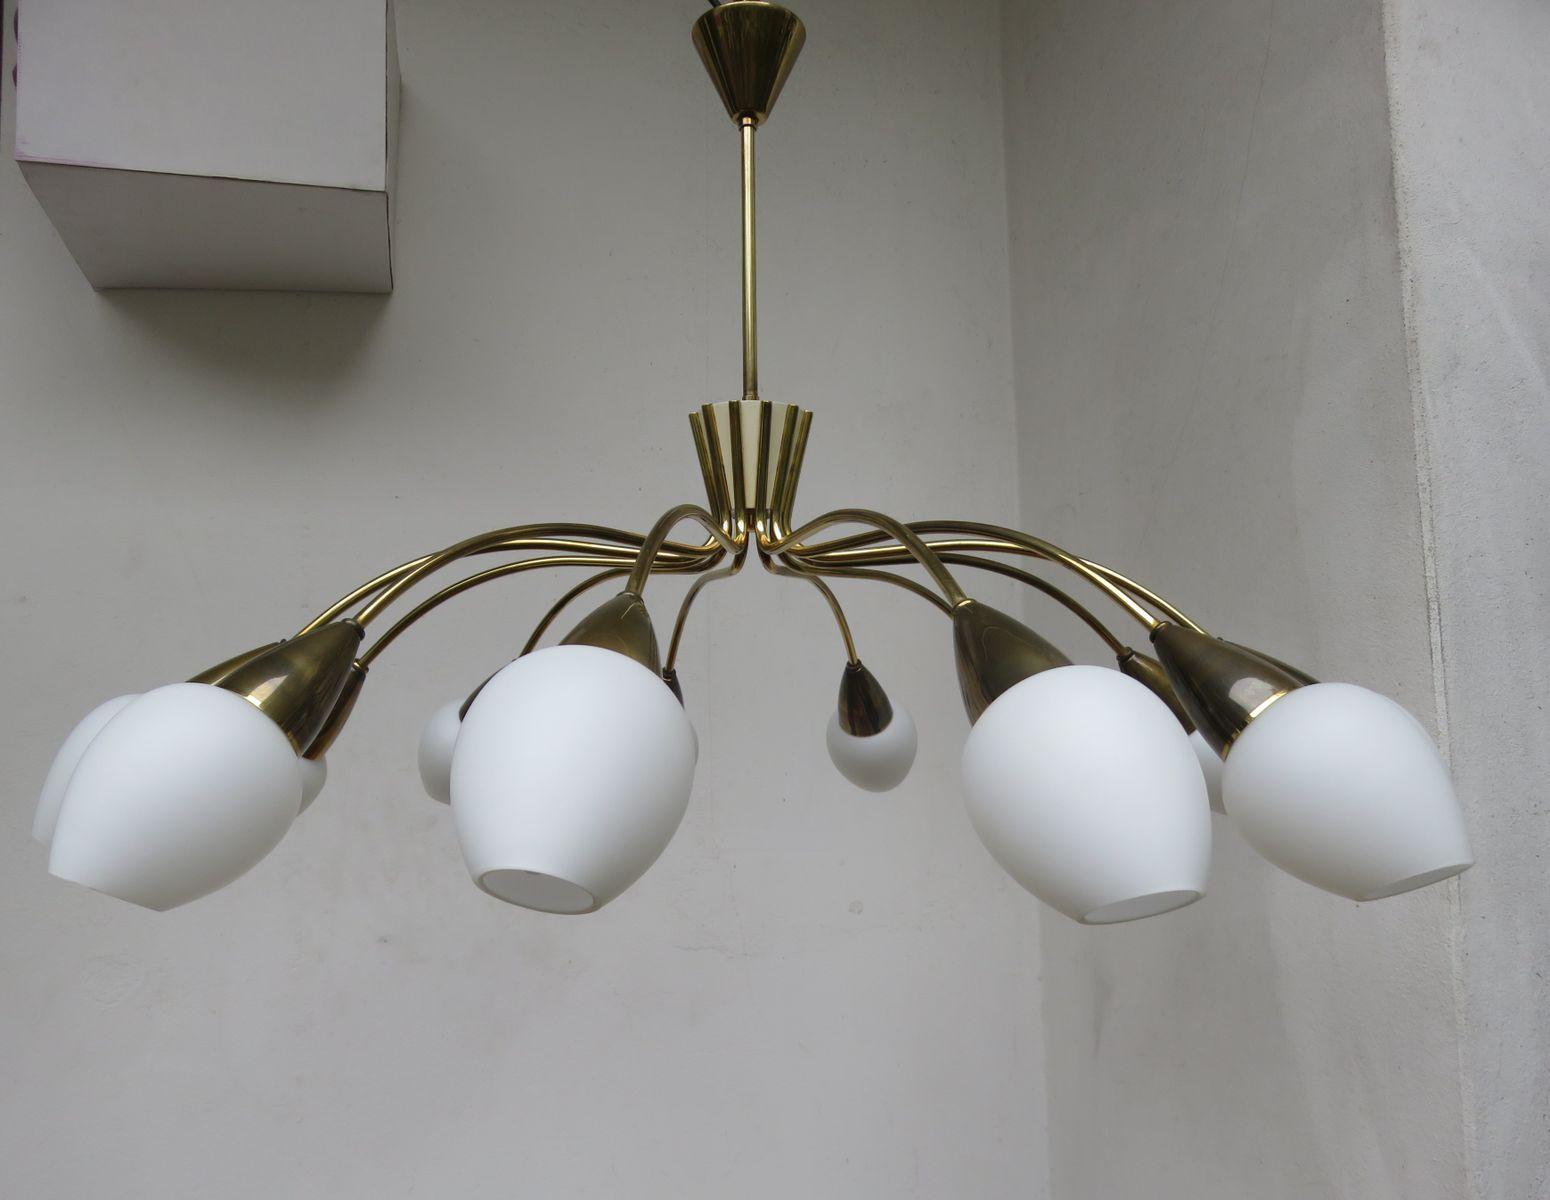 Wunderbar Messing Deckenlampe Ideen Von Italienische 12-armige Deckenlampe, 1950er